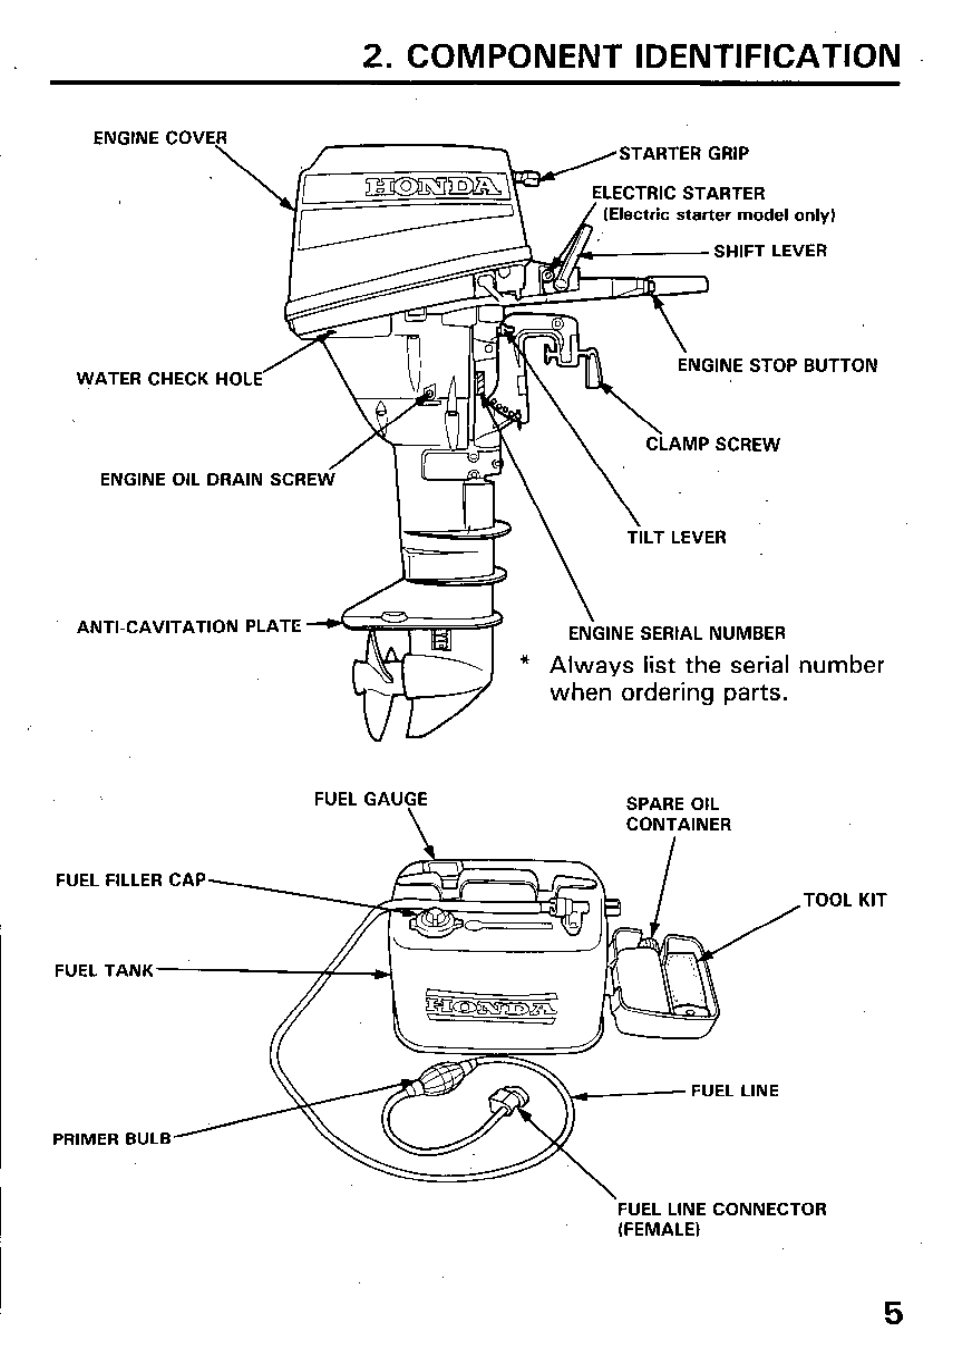 Какие достоинства у 4-тактного лодочного мотора хонда?